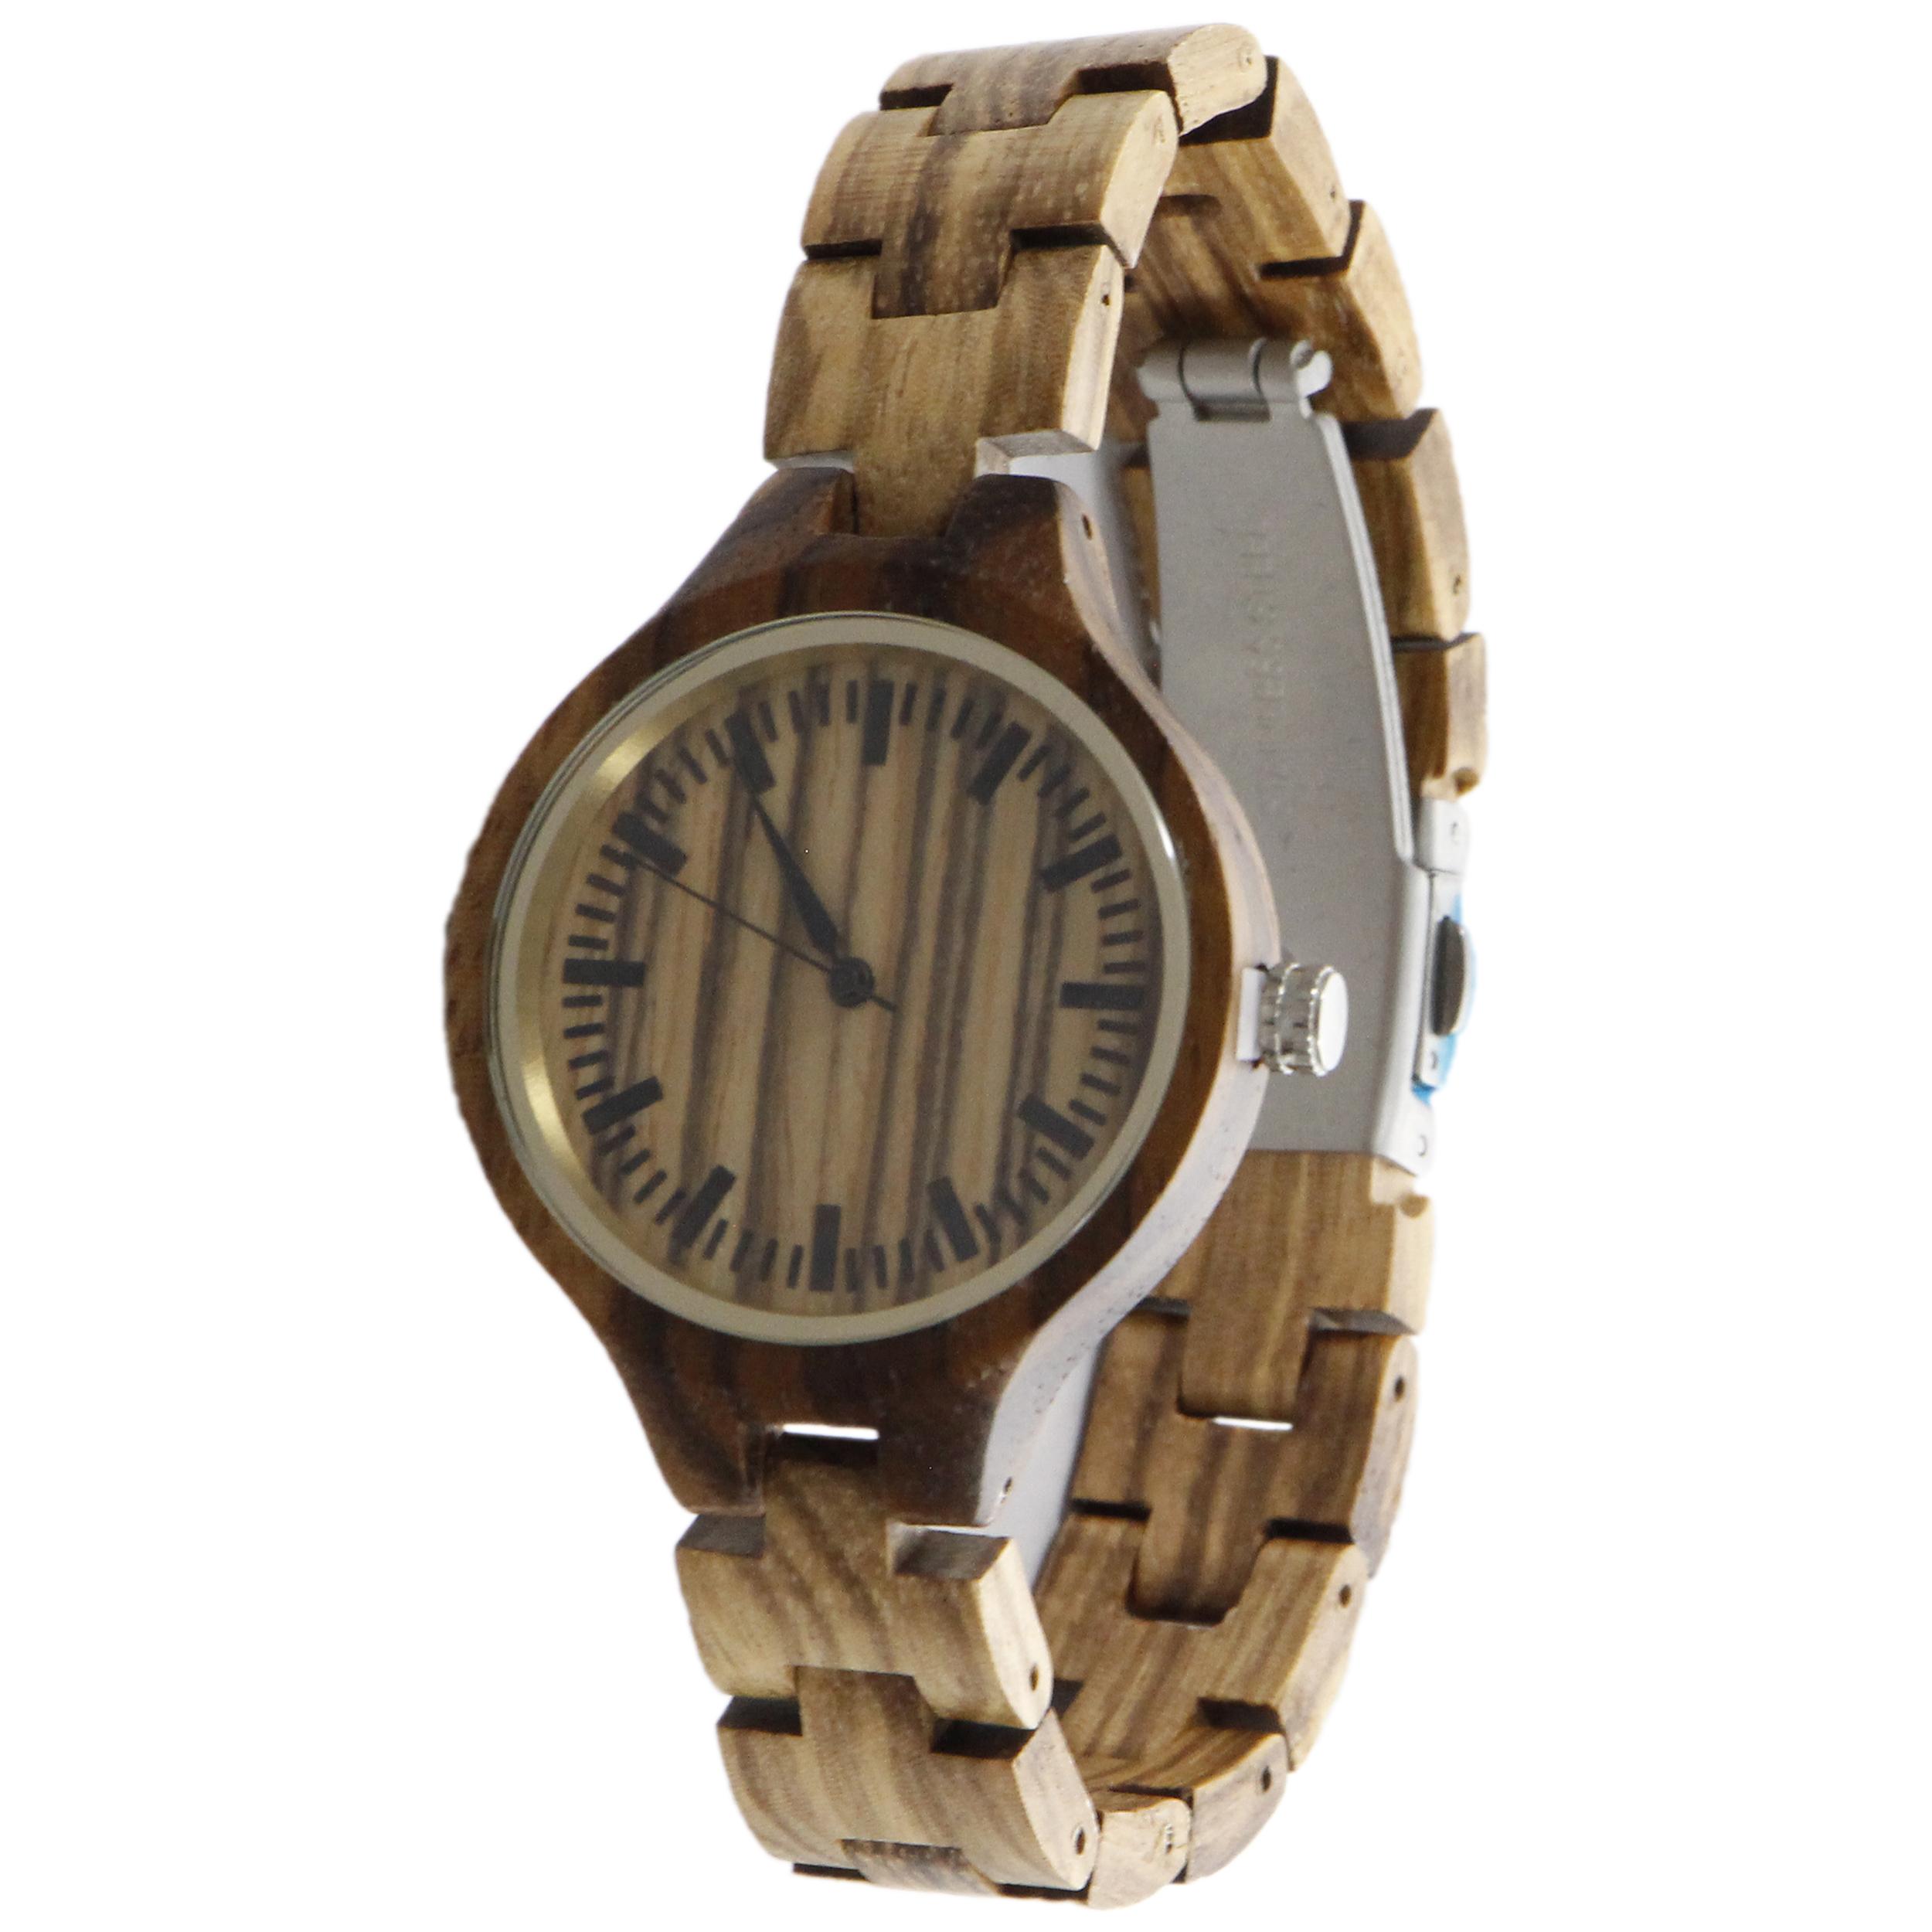 ساعت مچی چوبی عقربه ای زنانه - کد BMK24